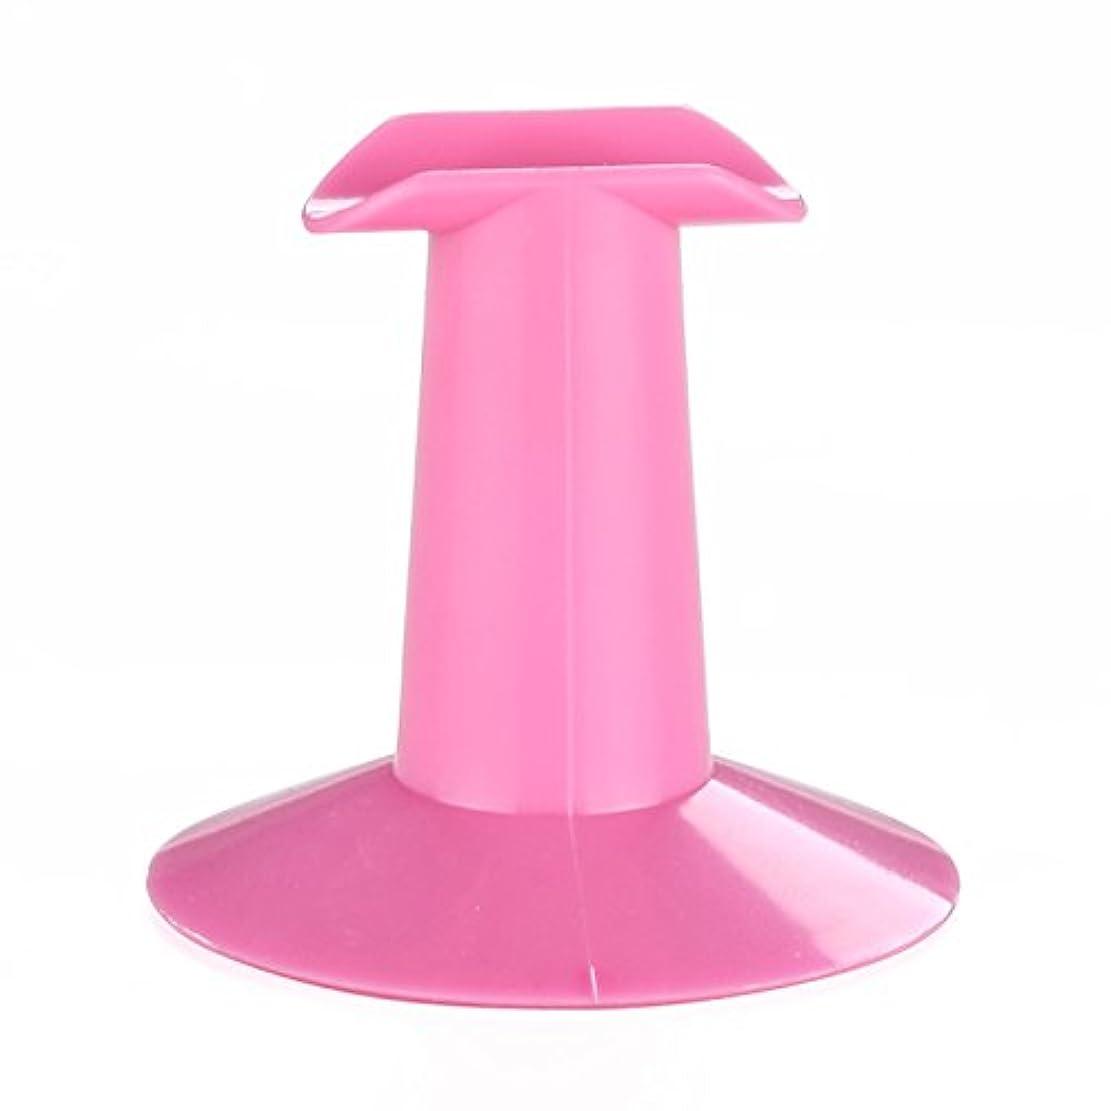 小屋四回値するGaoominy 5xハードプラスチック製ピンクのフィンガースタンドサポート レスト ネイルアートデザイン 絵画サロンDIY